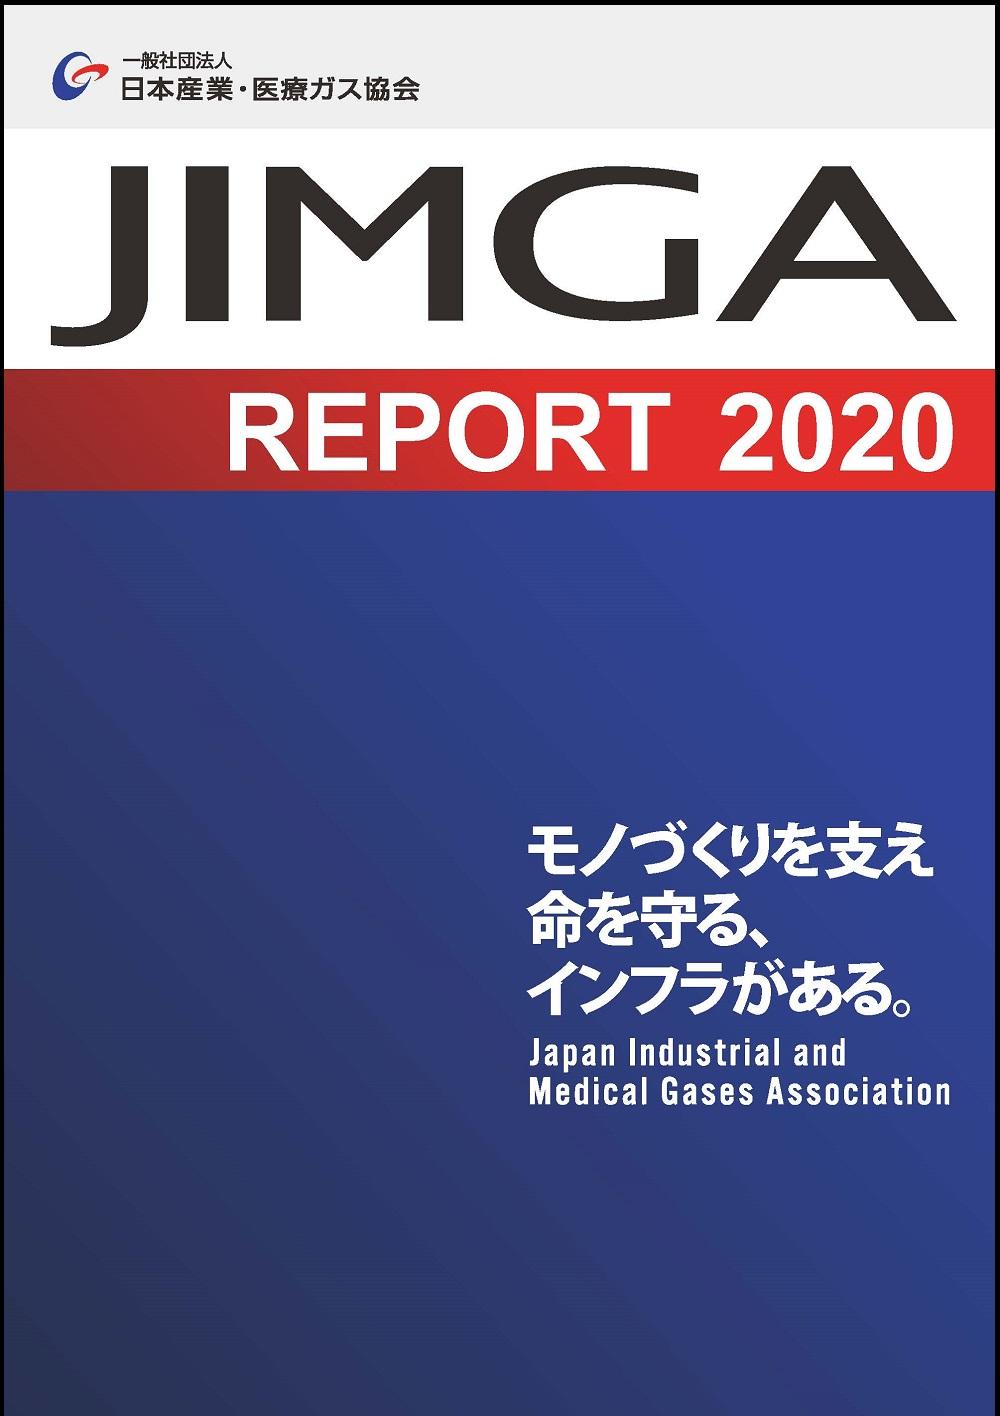 JIMGA REPORT